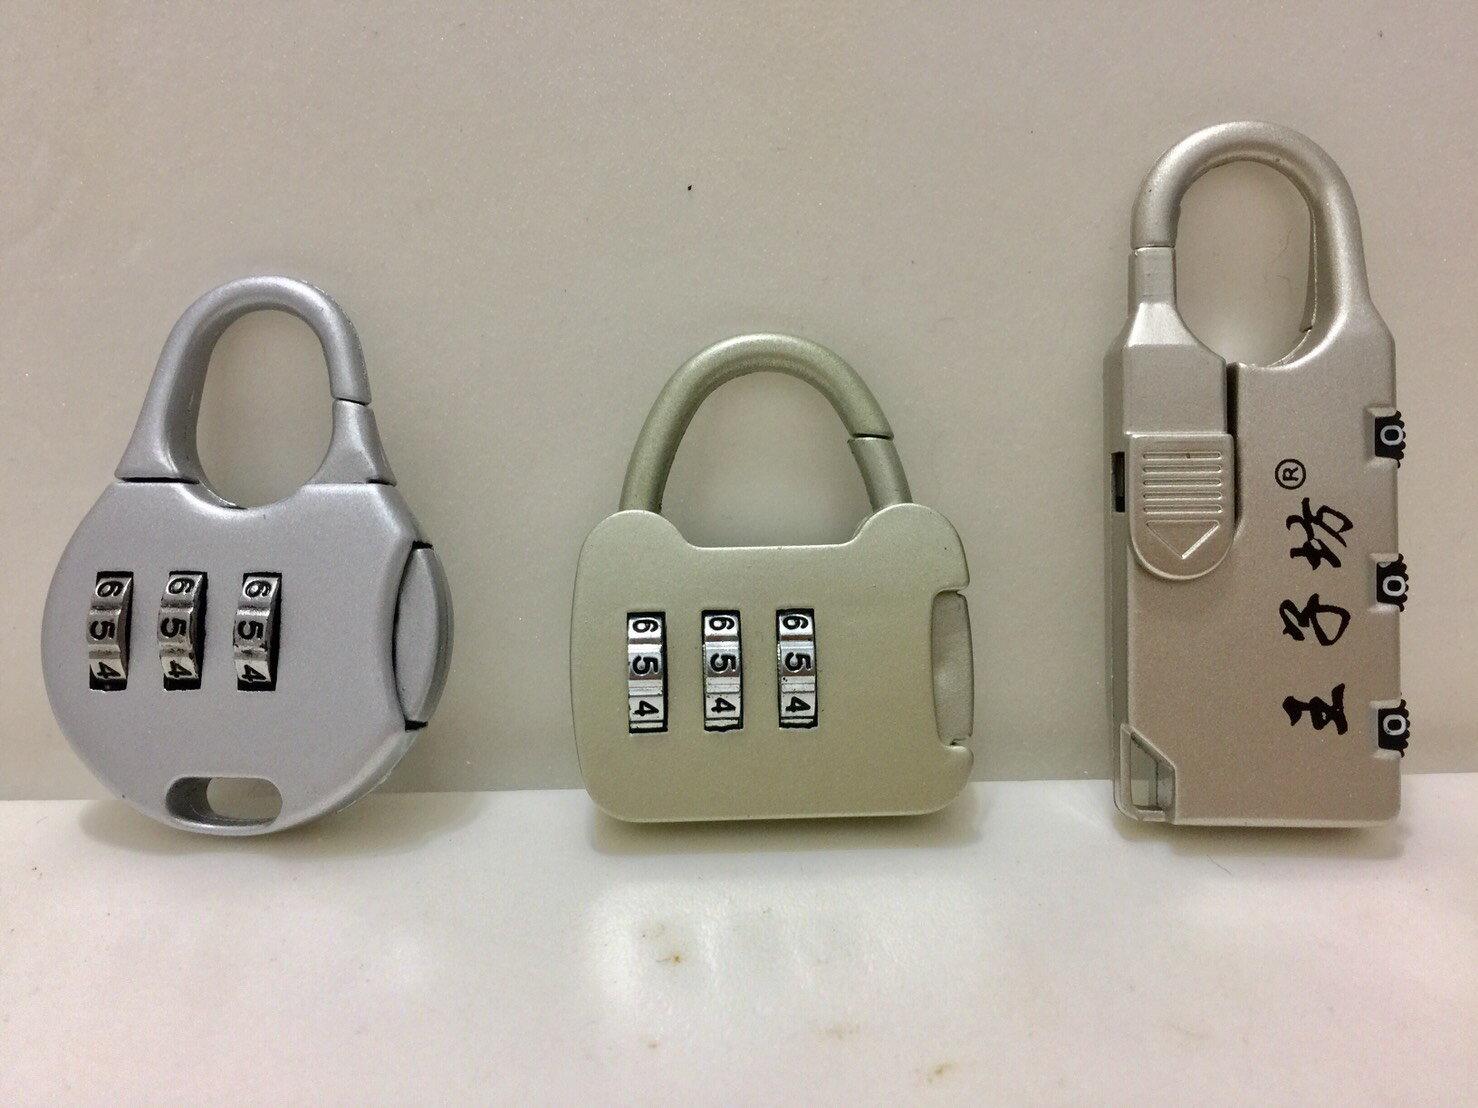 【悅.生活】GoTrip微旅行_行李箱3位數字密碼鎖-3款隨機出貨